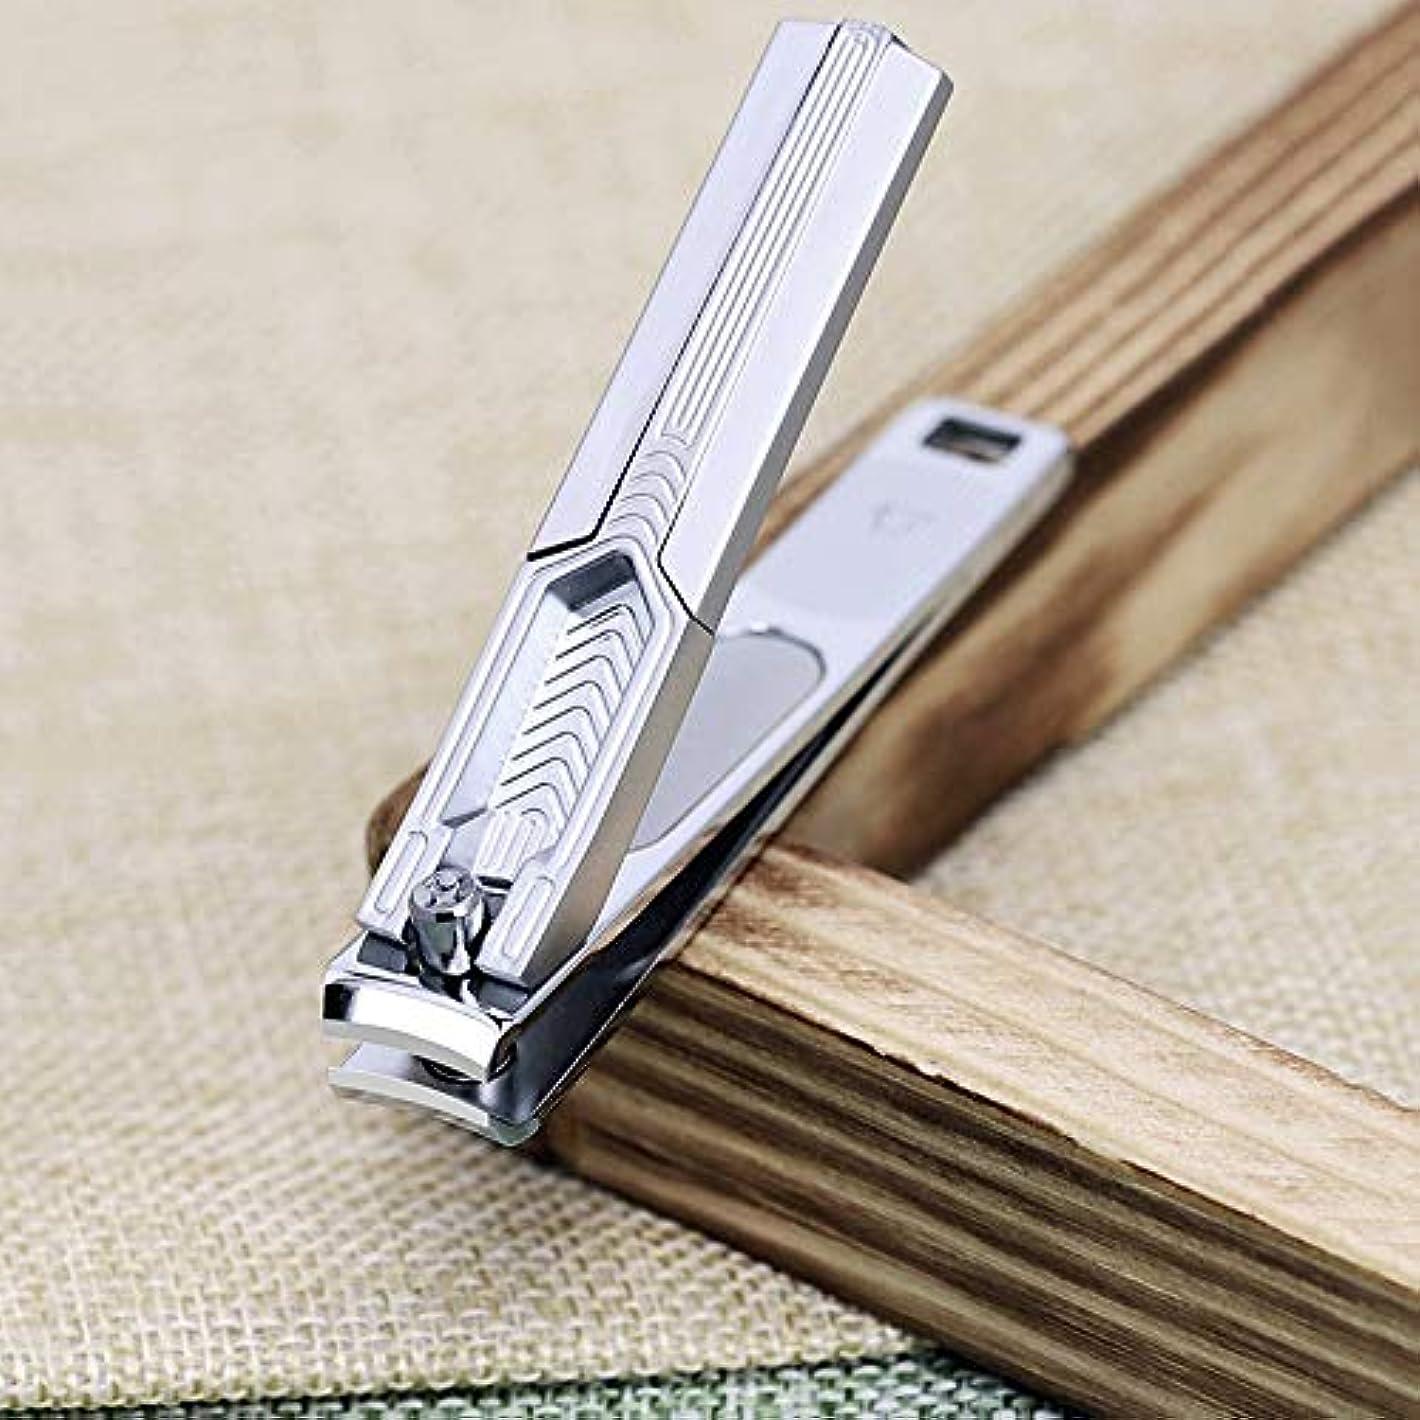 ニコチン累積アデレードネイルクリッパーセット、爪&足の爪切り、大人のための耐久性のある鋭いステンレス鋼のネイルカッター Blingstars